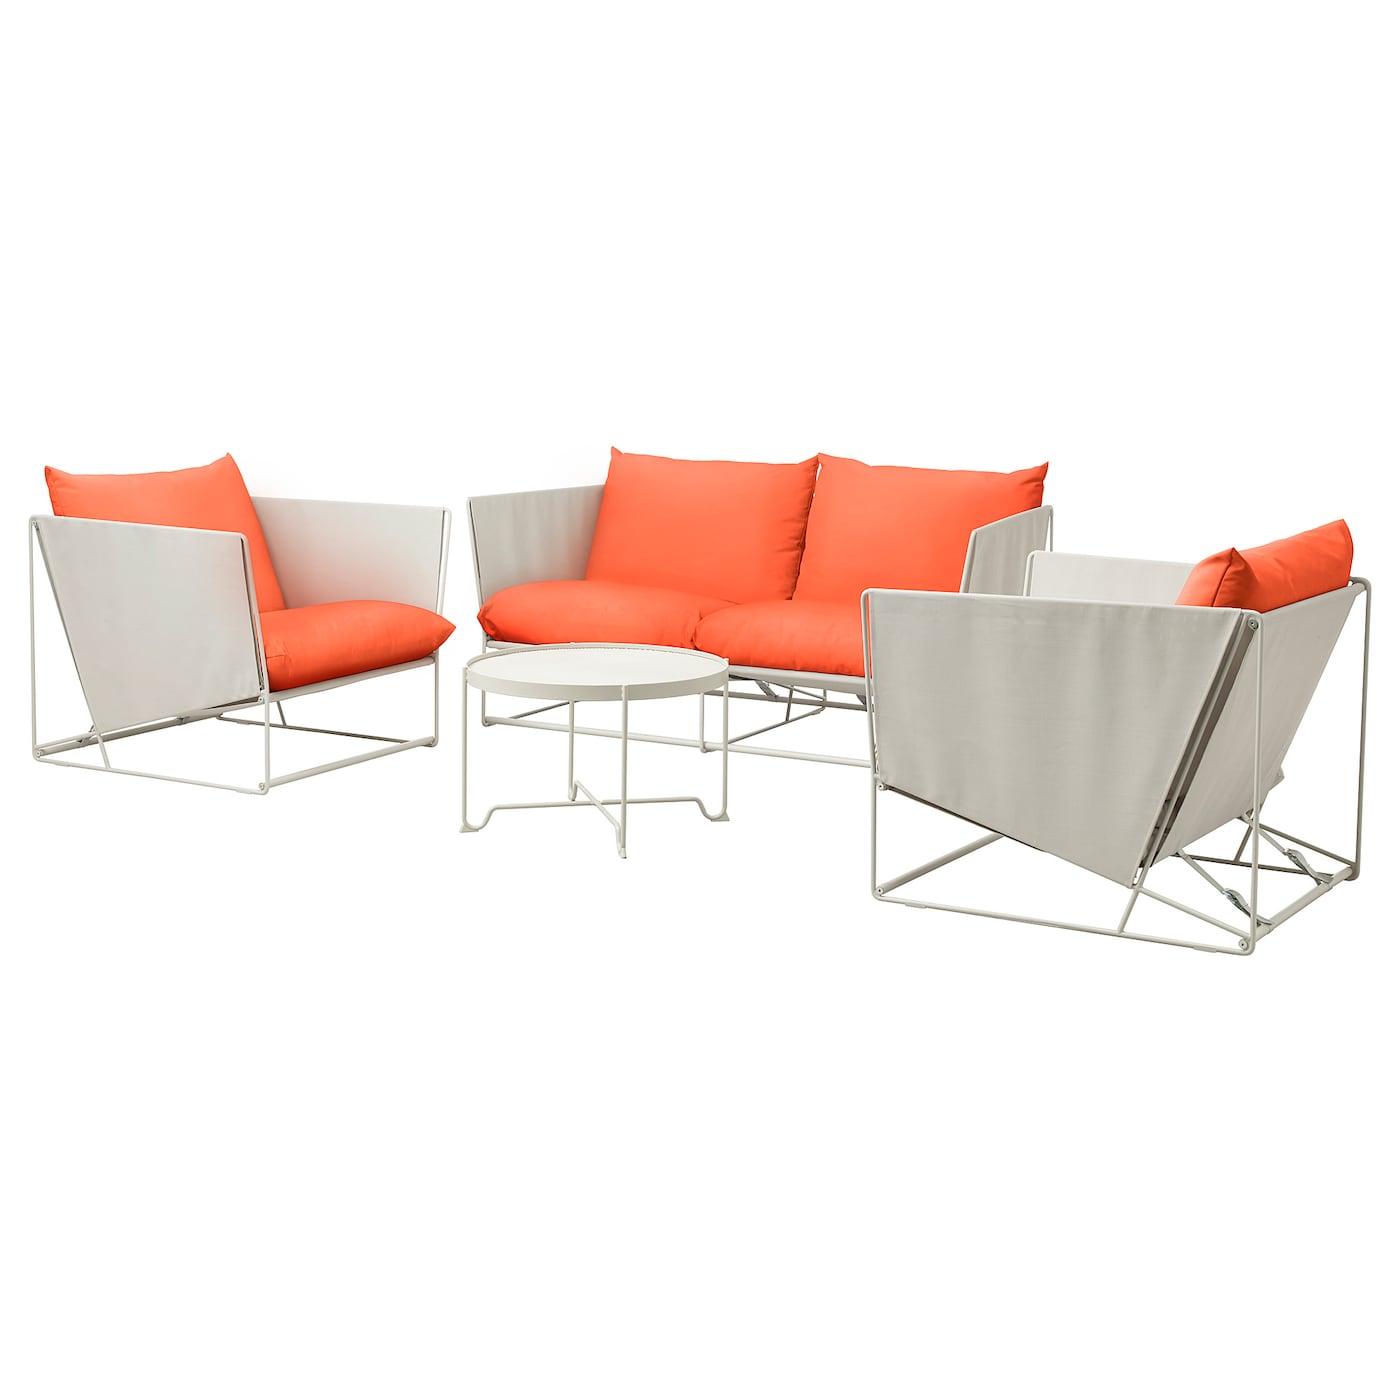 HAVSTEN 4er-Sitzgruppe innen/außen - orange, beige - IKEA ...